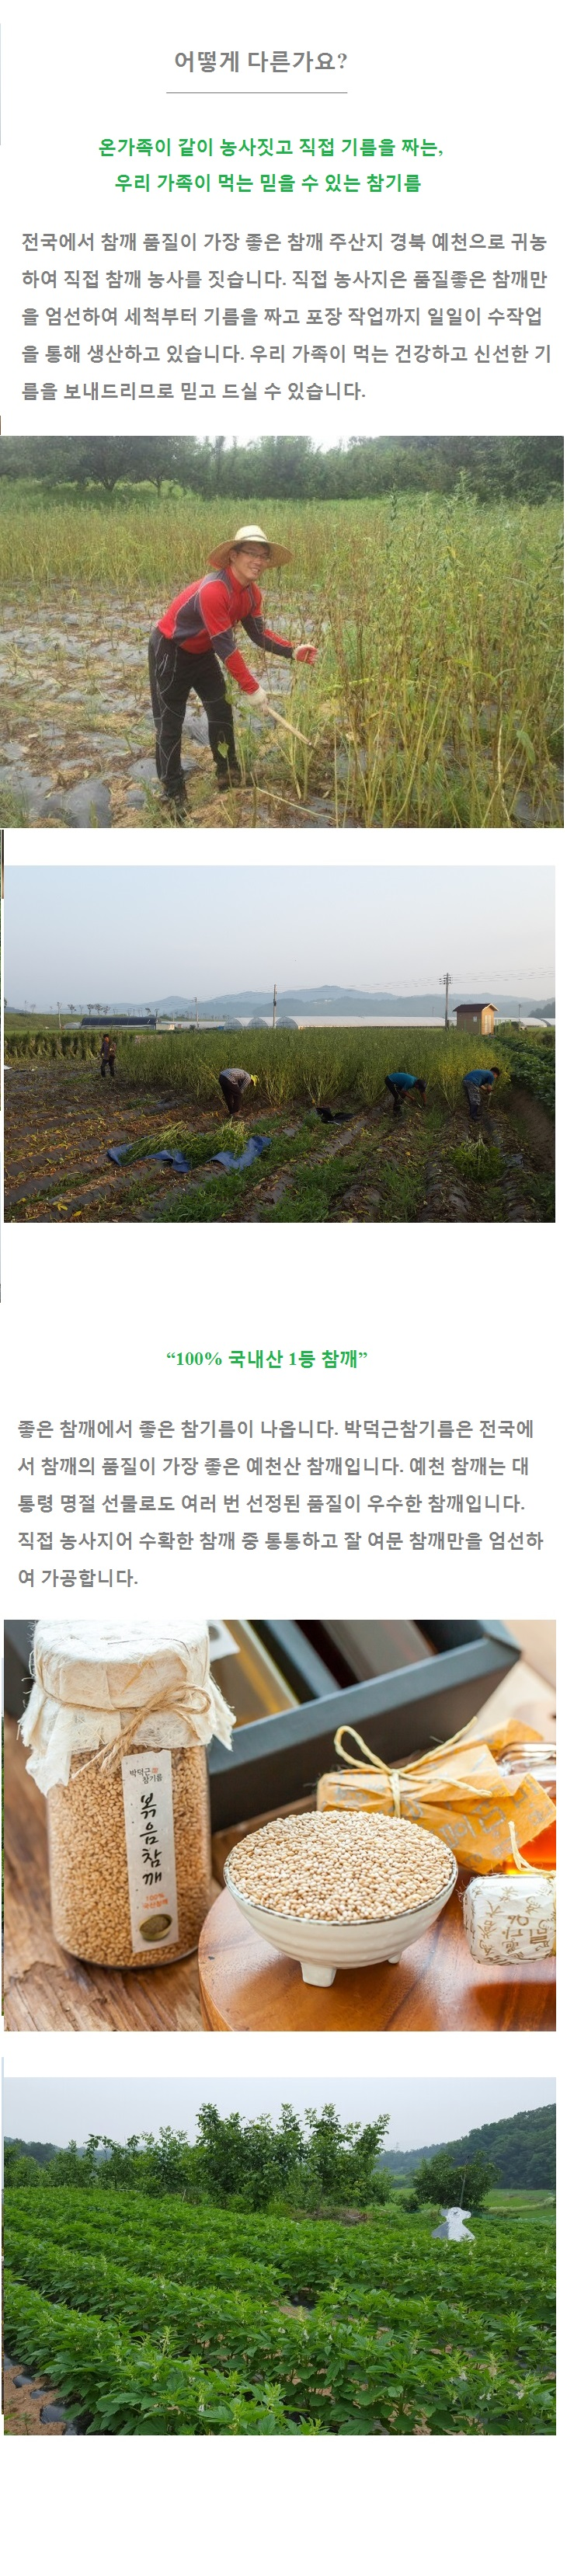 예천박덕근참기름명절선물세트 - 박덕근꿀, 58,000원, 오일, 참기름/들기름